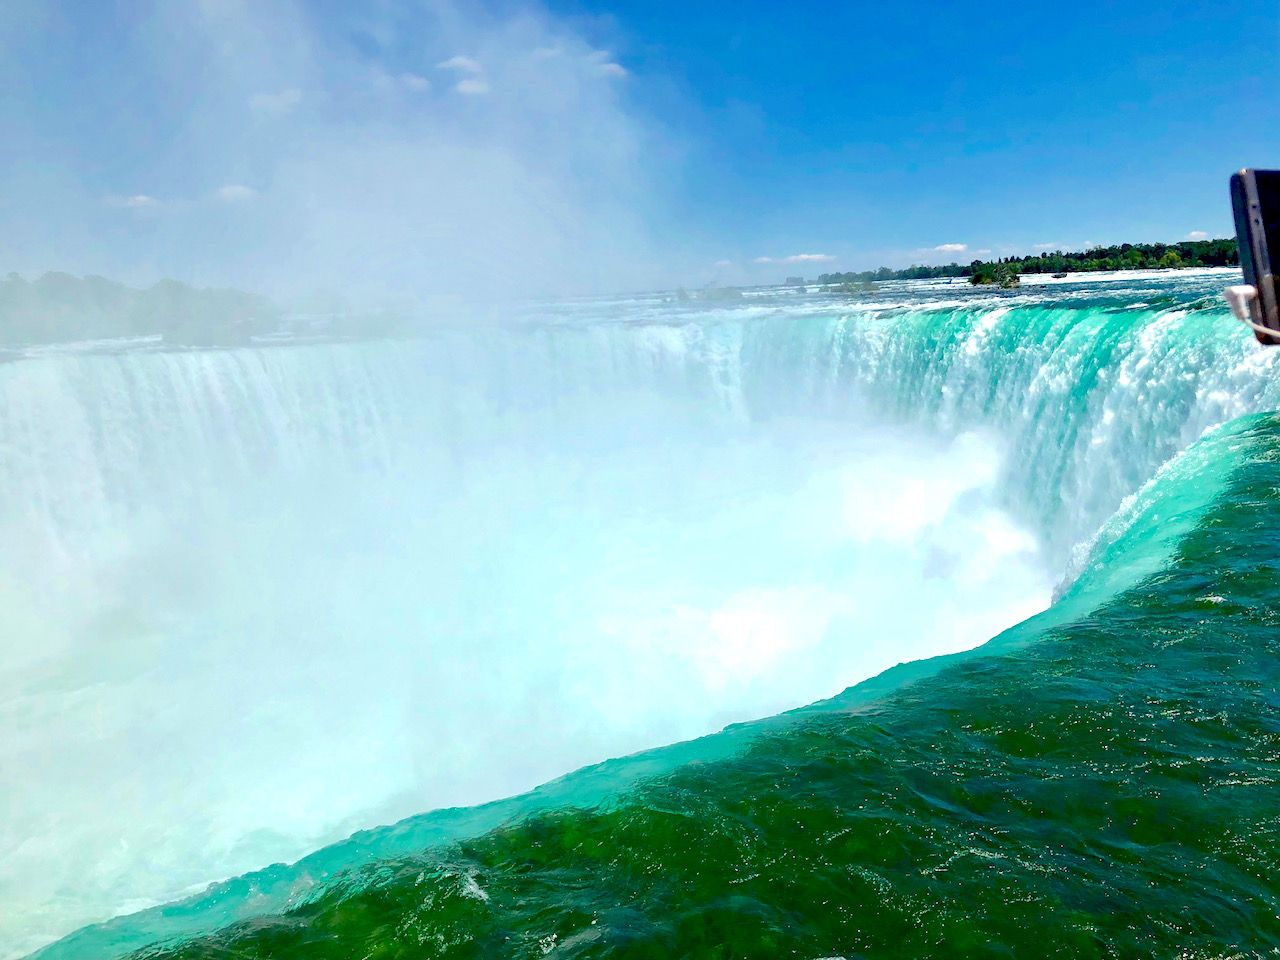 ヘリツアーで上空からパノラミックに滝の全貌を楽しむ!